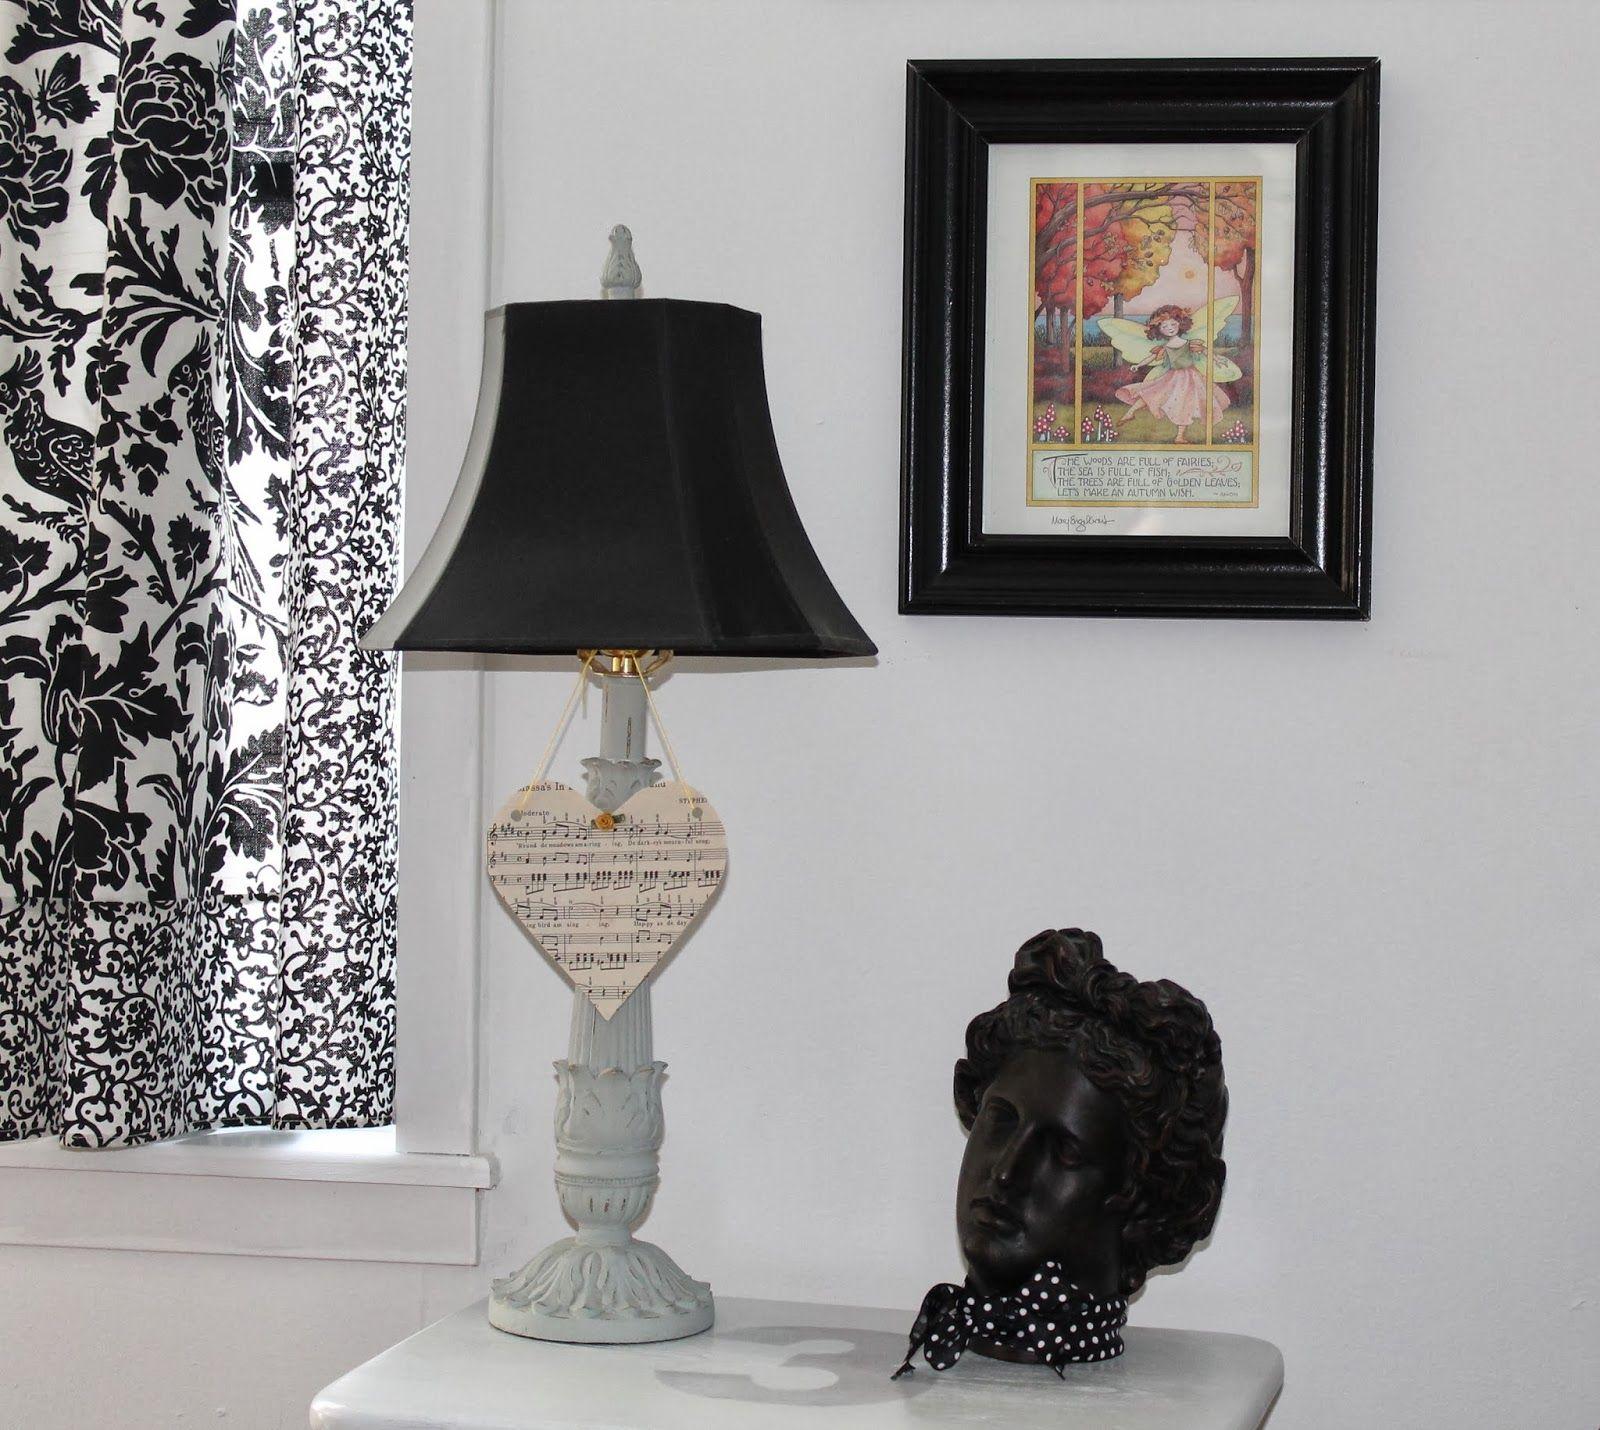 Black frames against white walls makes art work pop